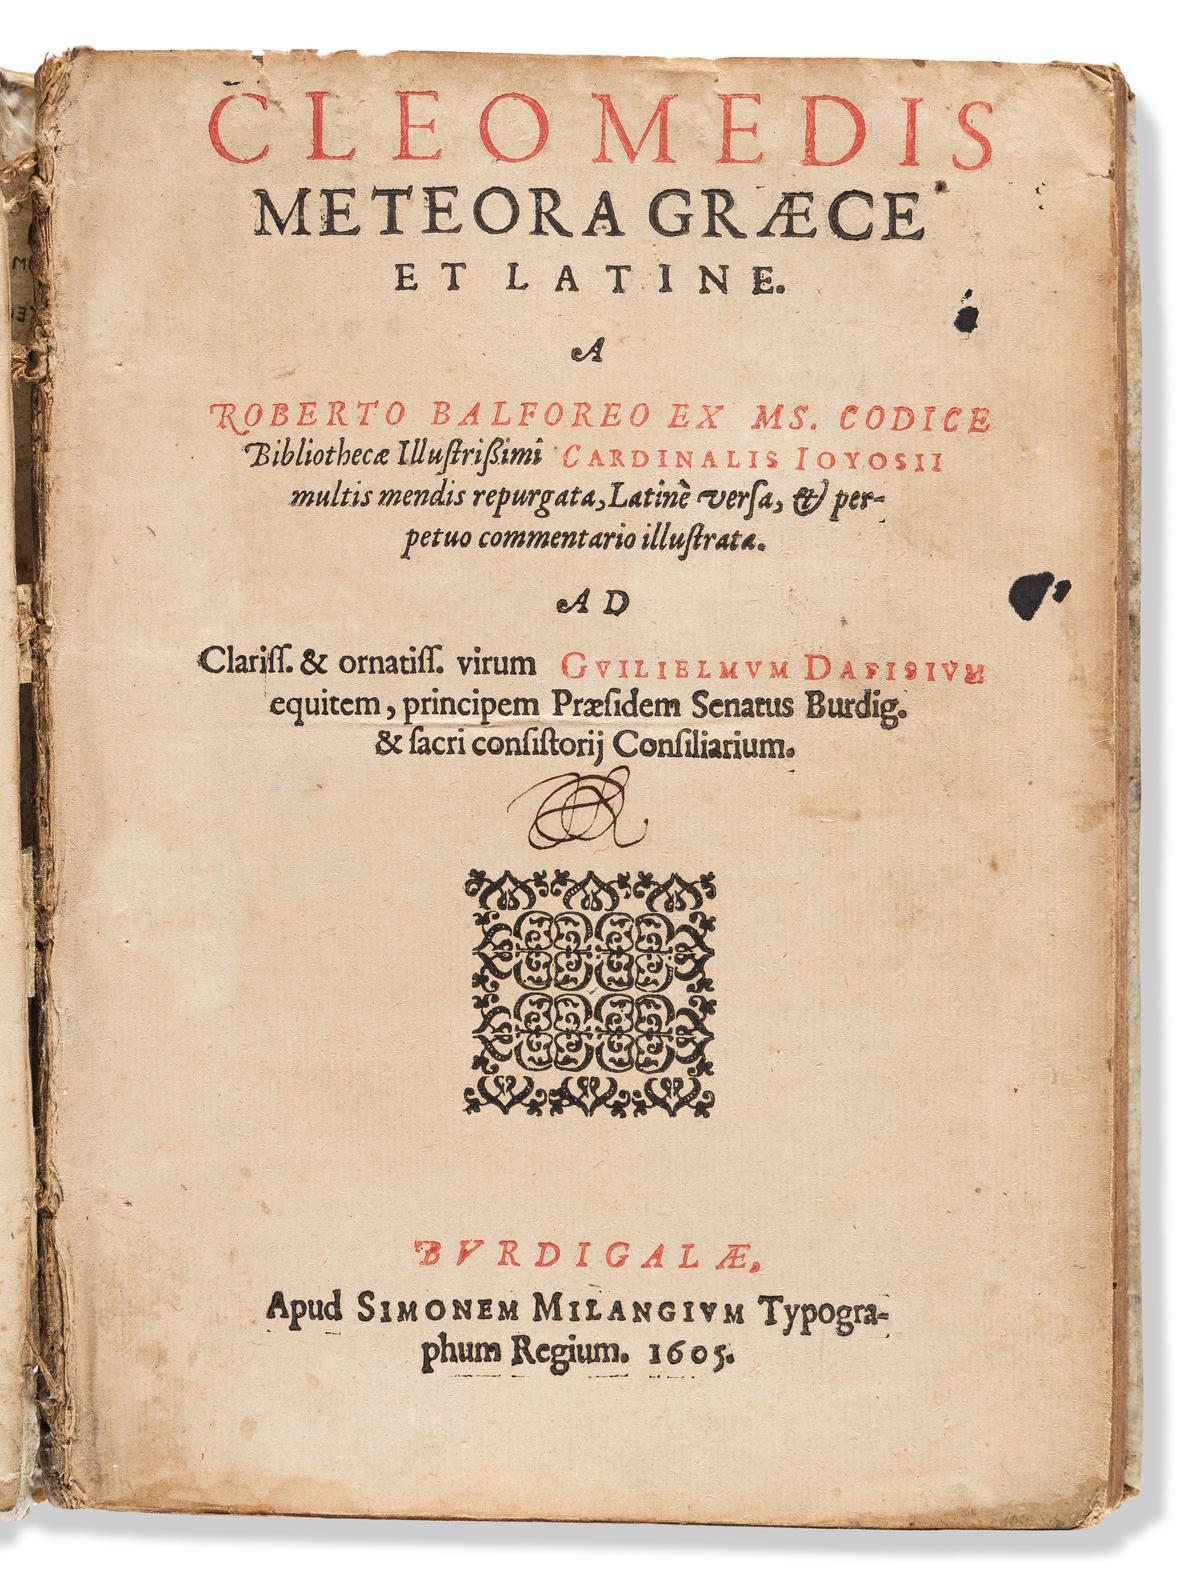 Cleomedes (fl. circa 400 CE); ed. Robert Balfour (c. 1553-1621) Cleomedis Meteora Graece et Latine.